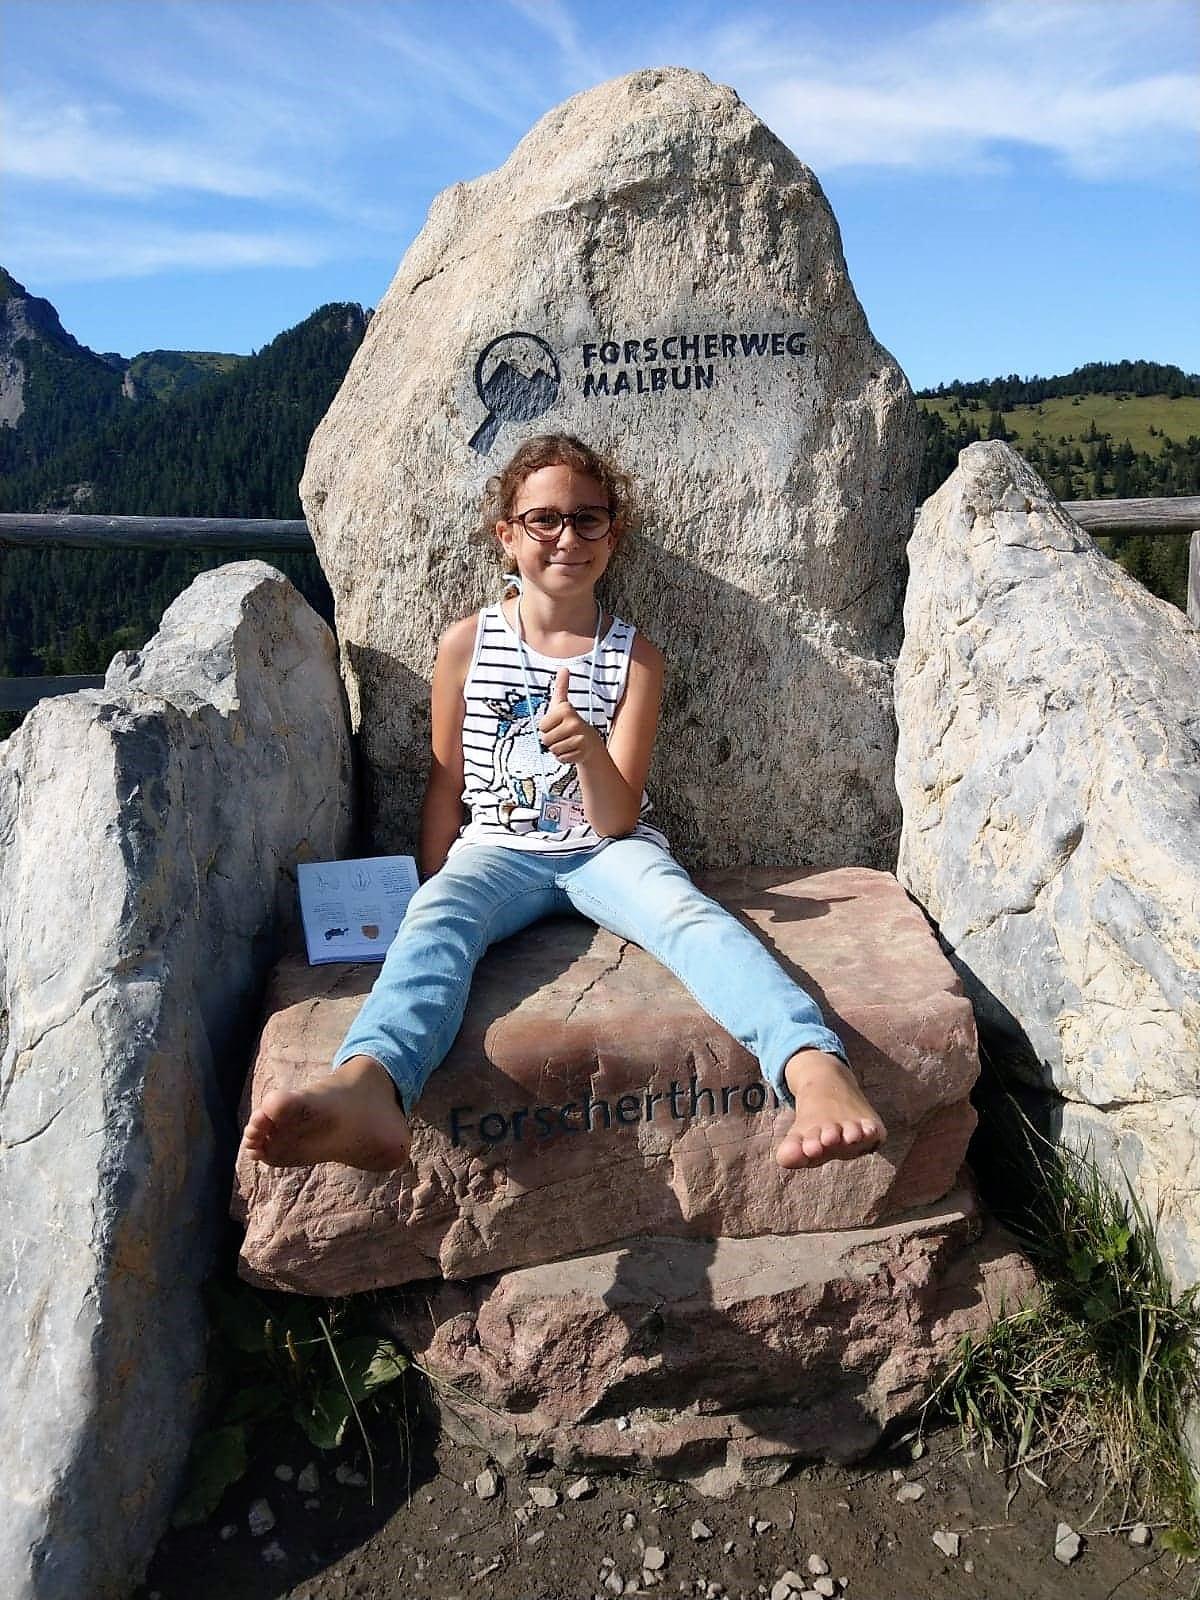 Forscherthron in Malbun - Liechtenstein